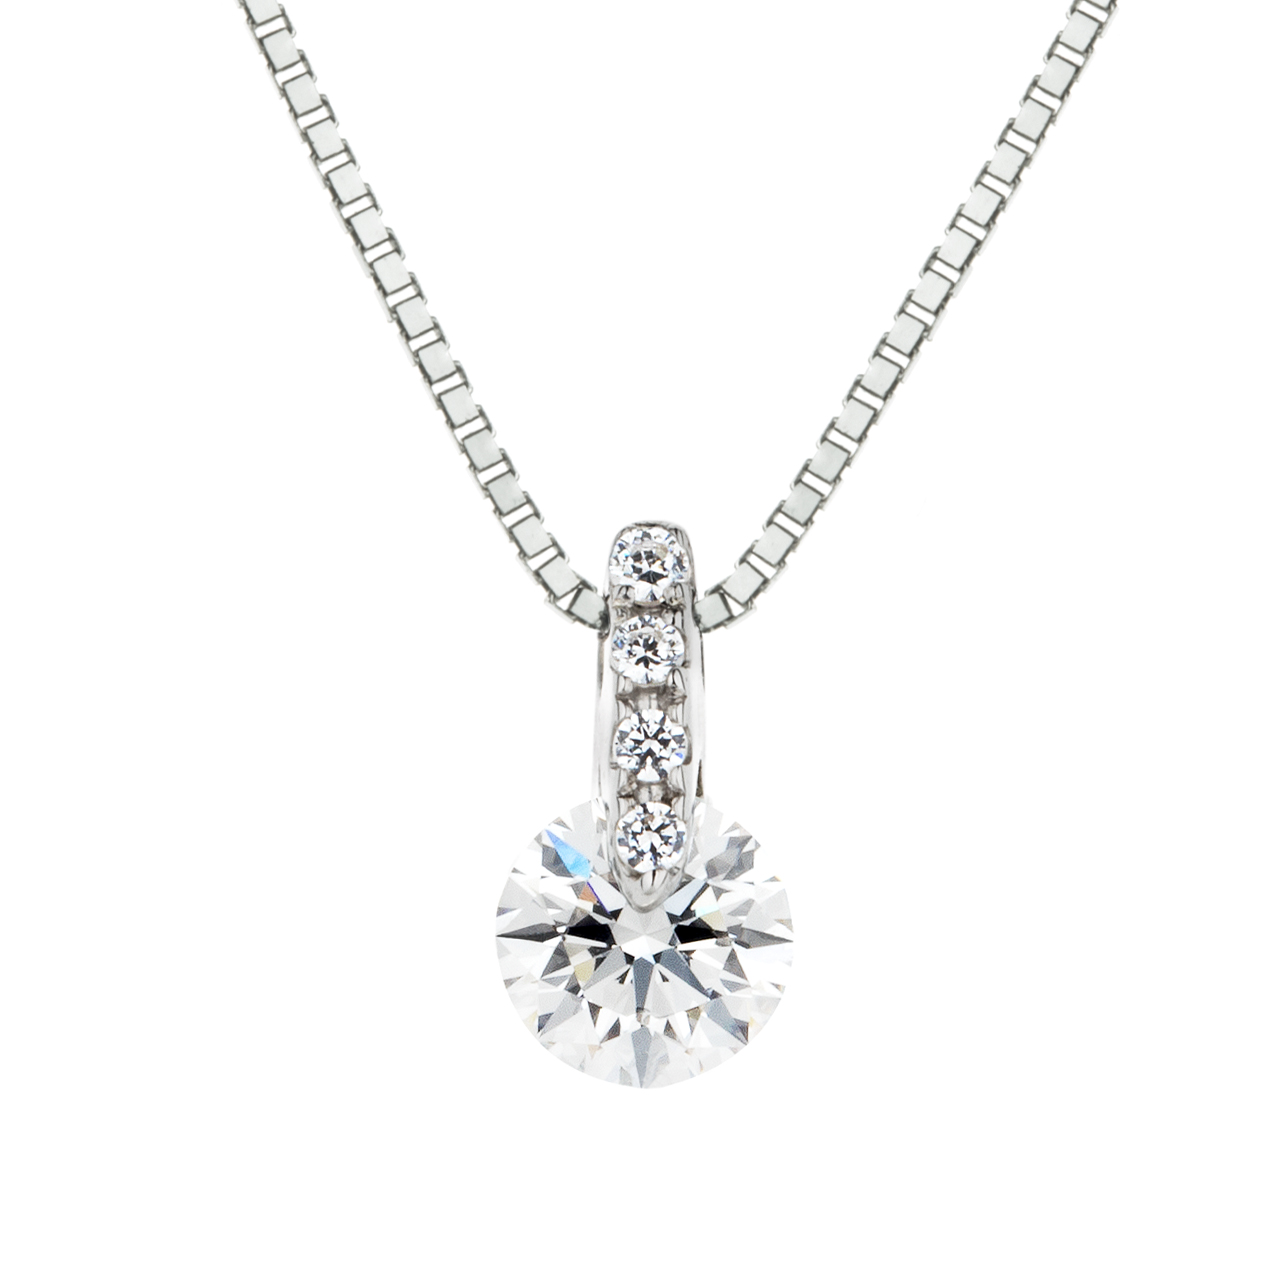 ダイヤモンド1ポイントストレートペンダント